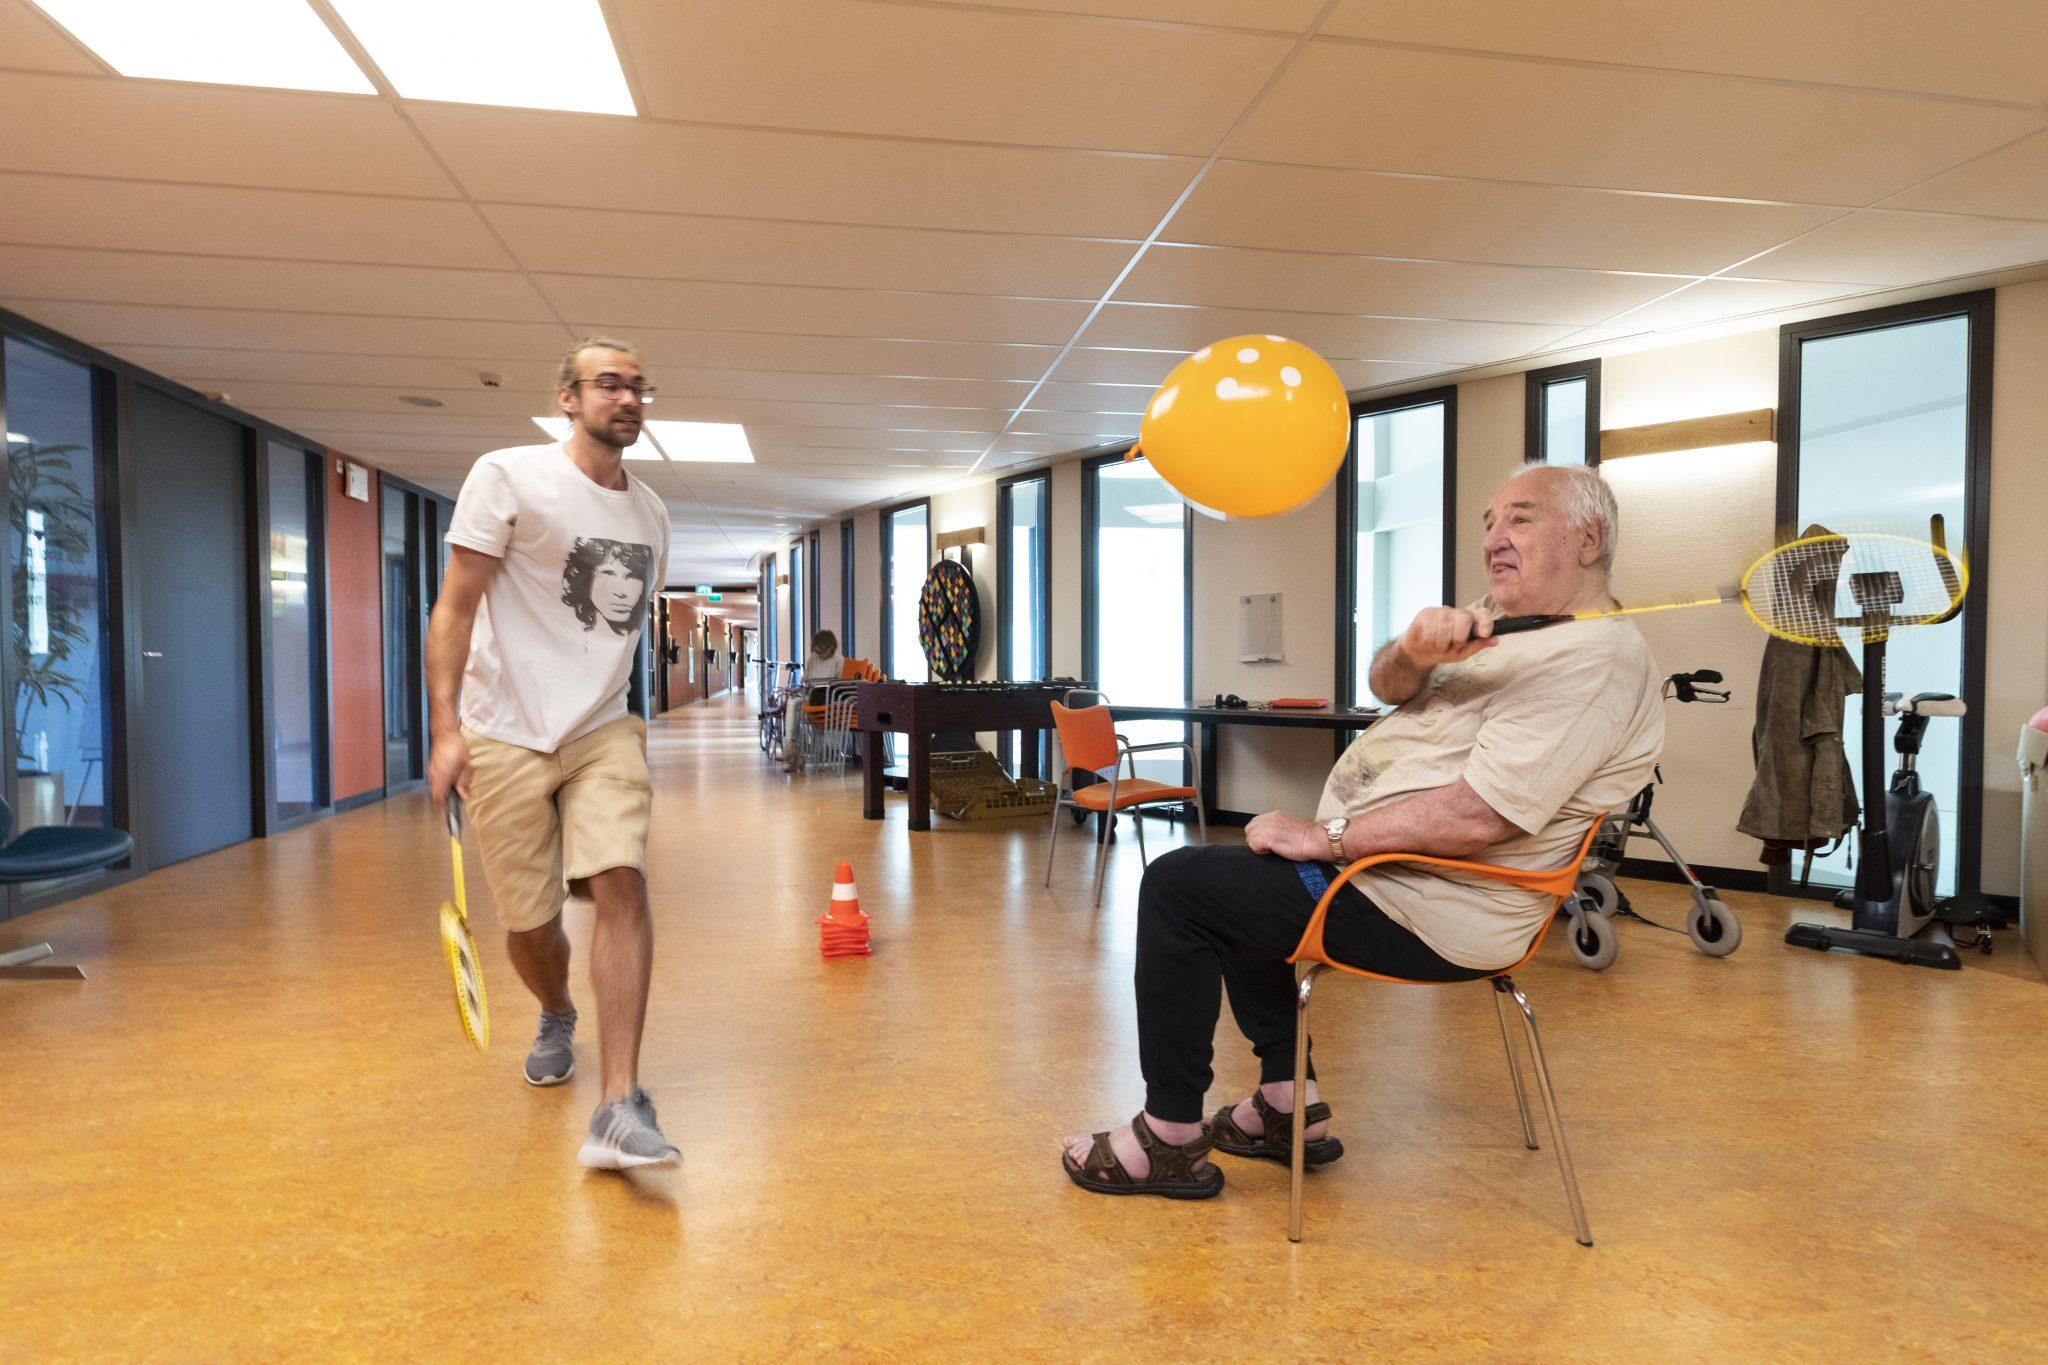 Twee keer per week komen stagiaires psychomotorische therapie om bewegingsoefeningen te doen met bewoners